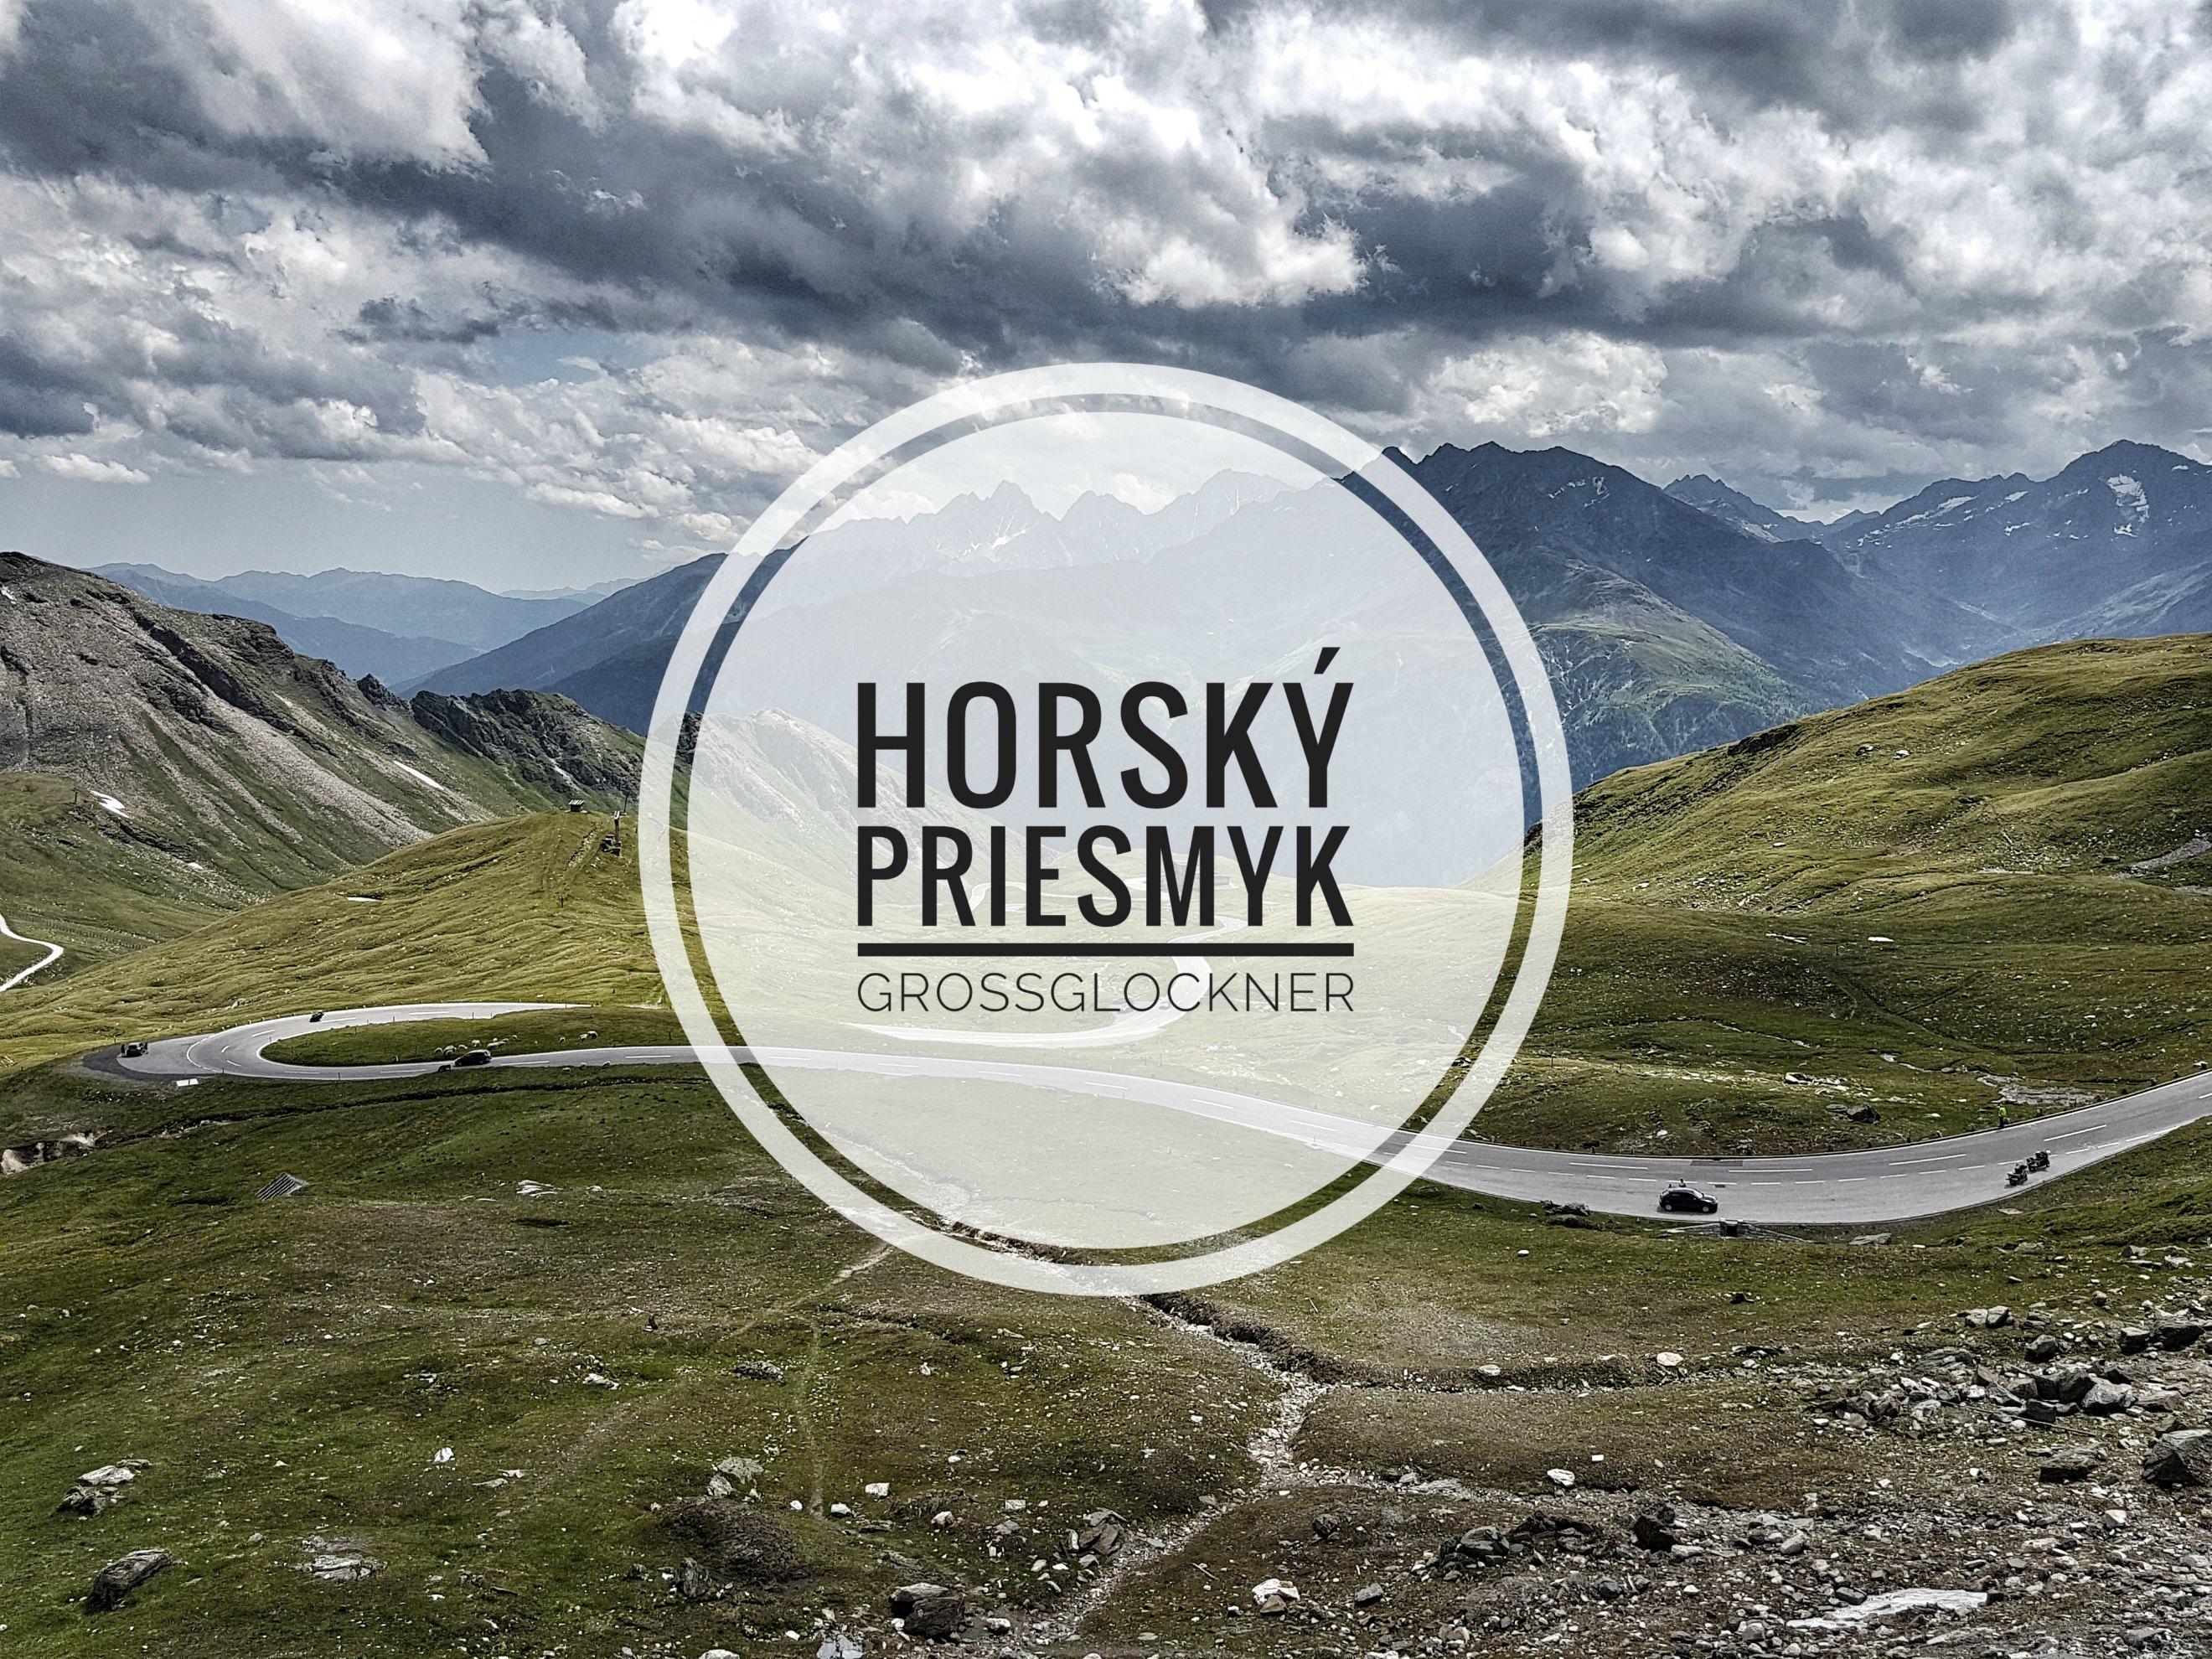 rakusko-horsky-priesmyk-grossglockner